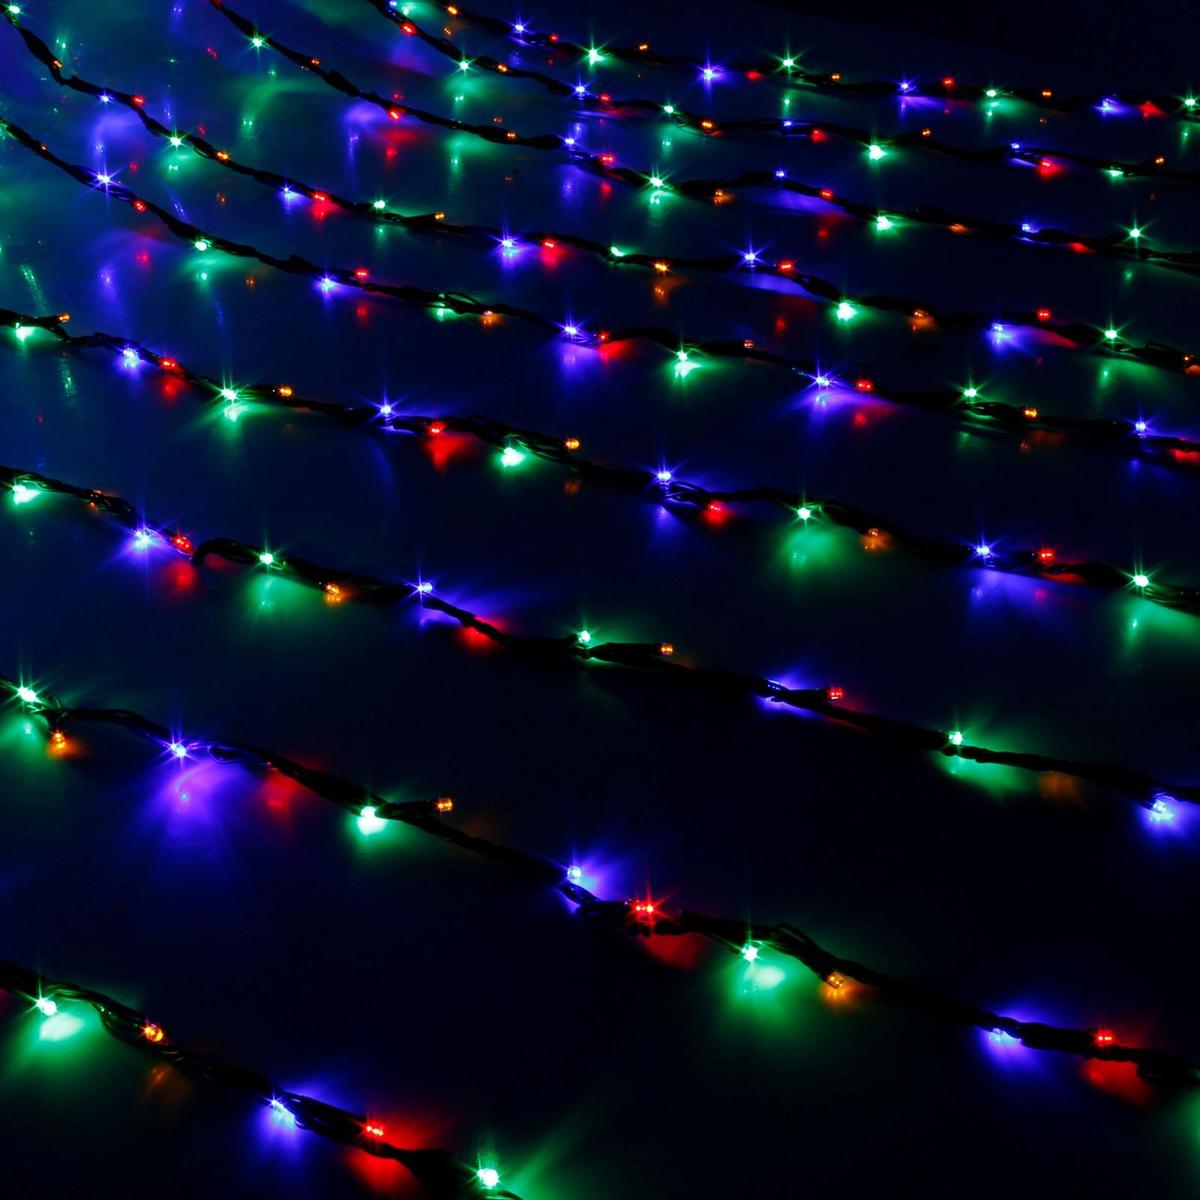 Гирлянда светодиодная Luazon Дождь, цвет: мультиколор, 400 ламп, 8 режимов, 220 V, 2 х 1,5 м. 671638671638Светодиодные гирлянды и ленты — это отличный вариант для новогоднего оформления интерьера или фасада. С их помощью помещение любого размера можно превратить в праздничный зал, а внешние элементы зданий, украшенные ими, мгновенно станут напоминать очертания сказочного дворца. Такие украшения создают ауру предвкушения чуда. Деревья, фасады, витрины, окна и арки будто специально созданы, чтобы вы украсили их светящимися нитями.